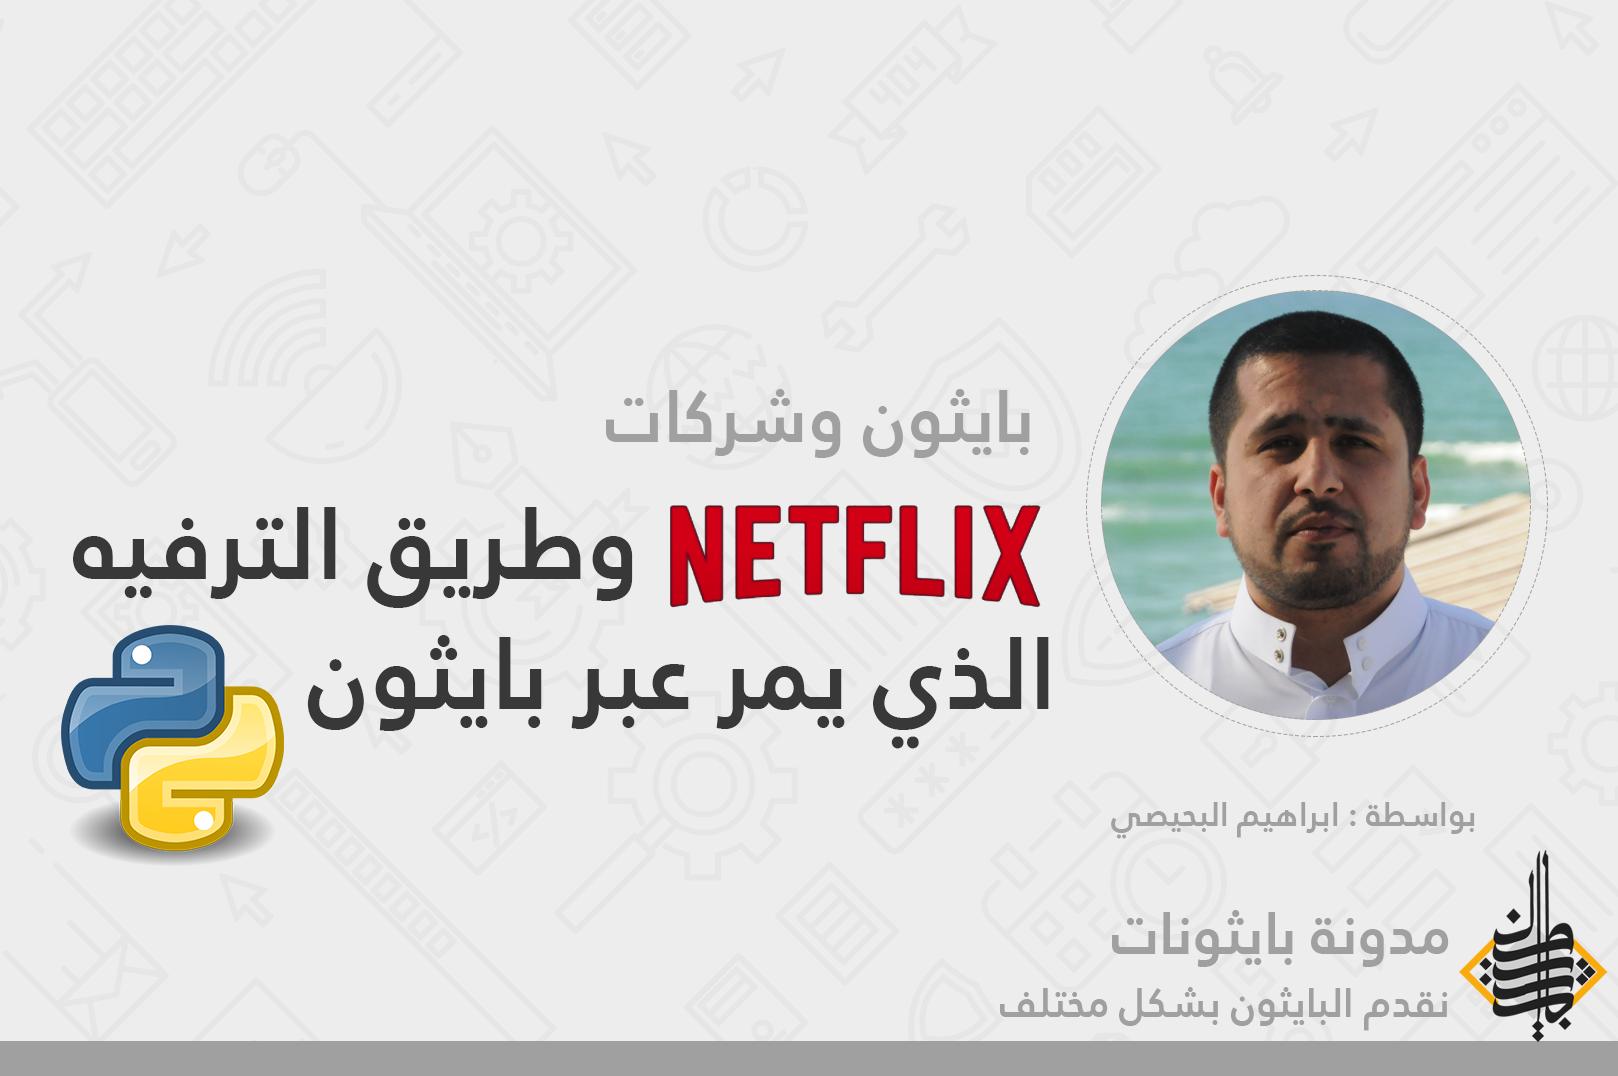 شركات وبايثون - Netflix وطريق الترفيه الذي يمر عبر البايثون